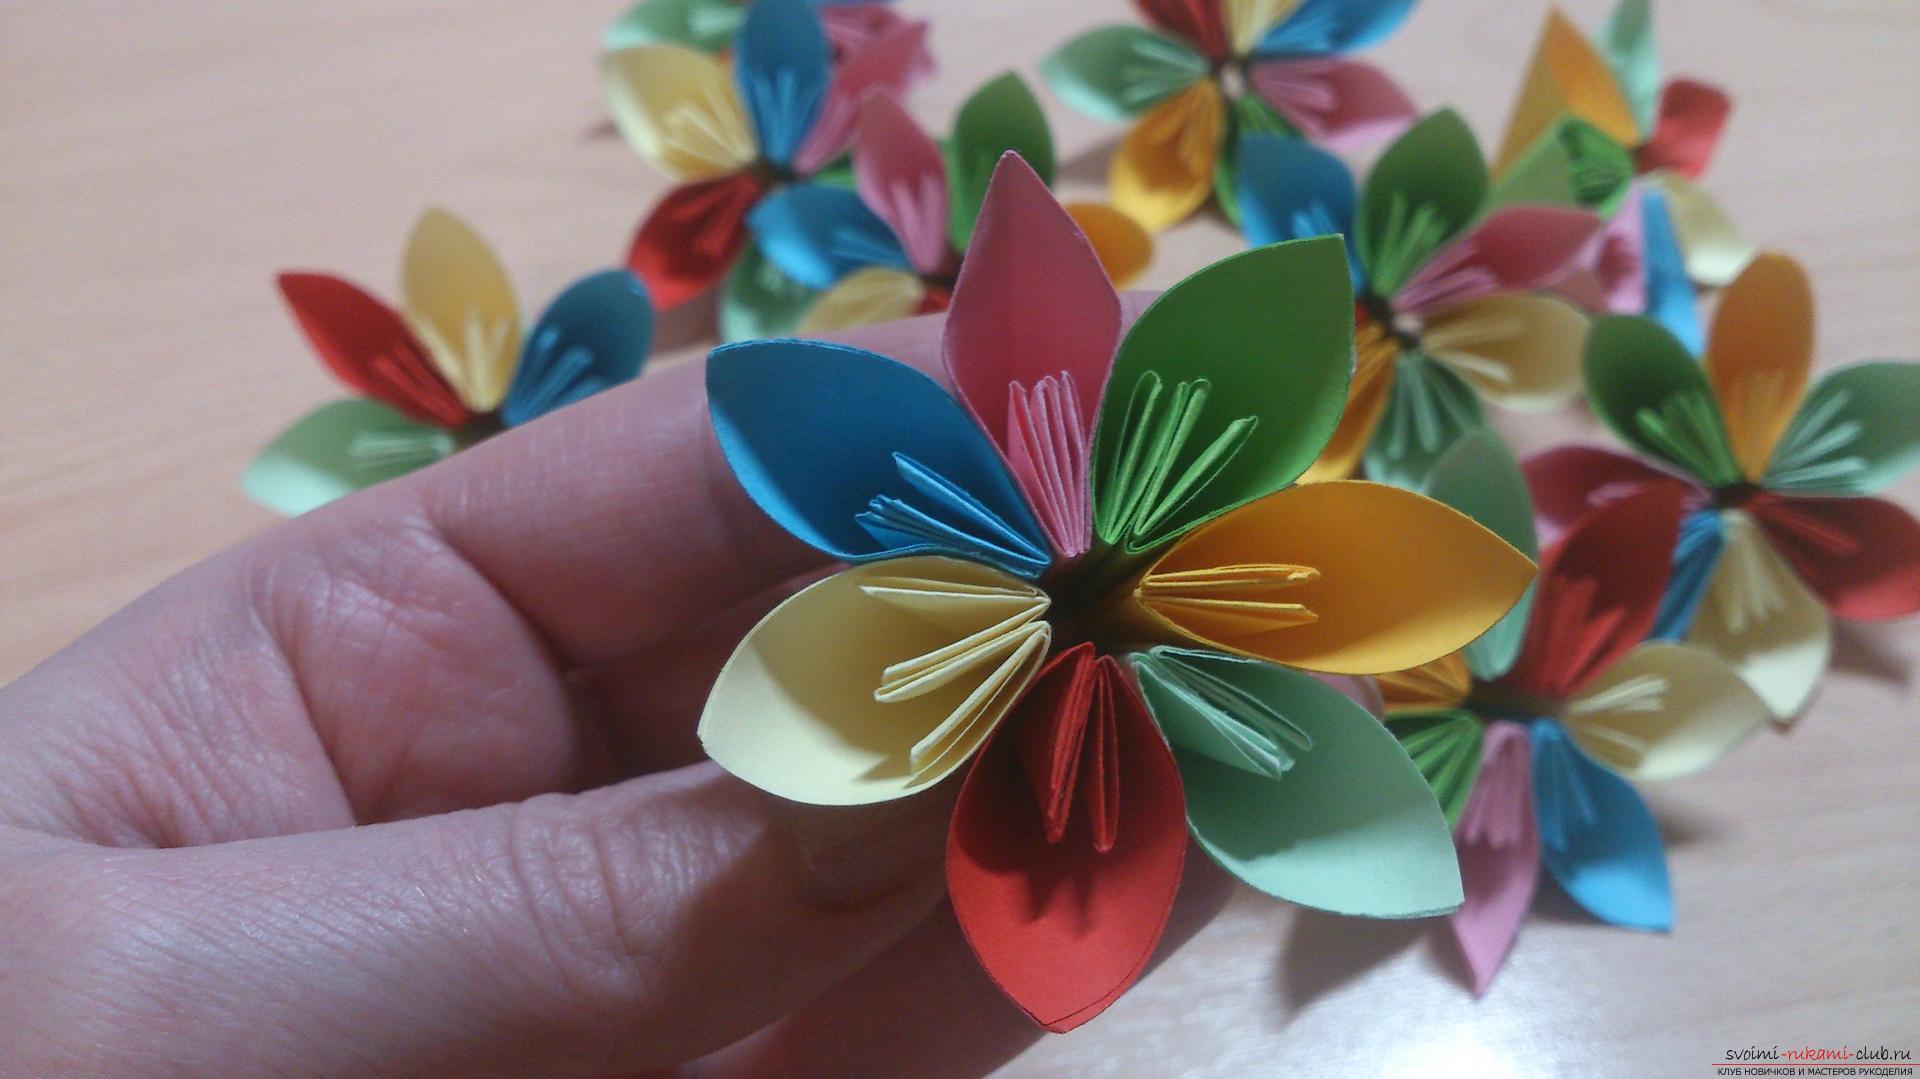 Как сделать шар из бумаги покажет наш мастер-класс с фото, в котором используется техника оригами из модулей - кусудама.